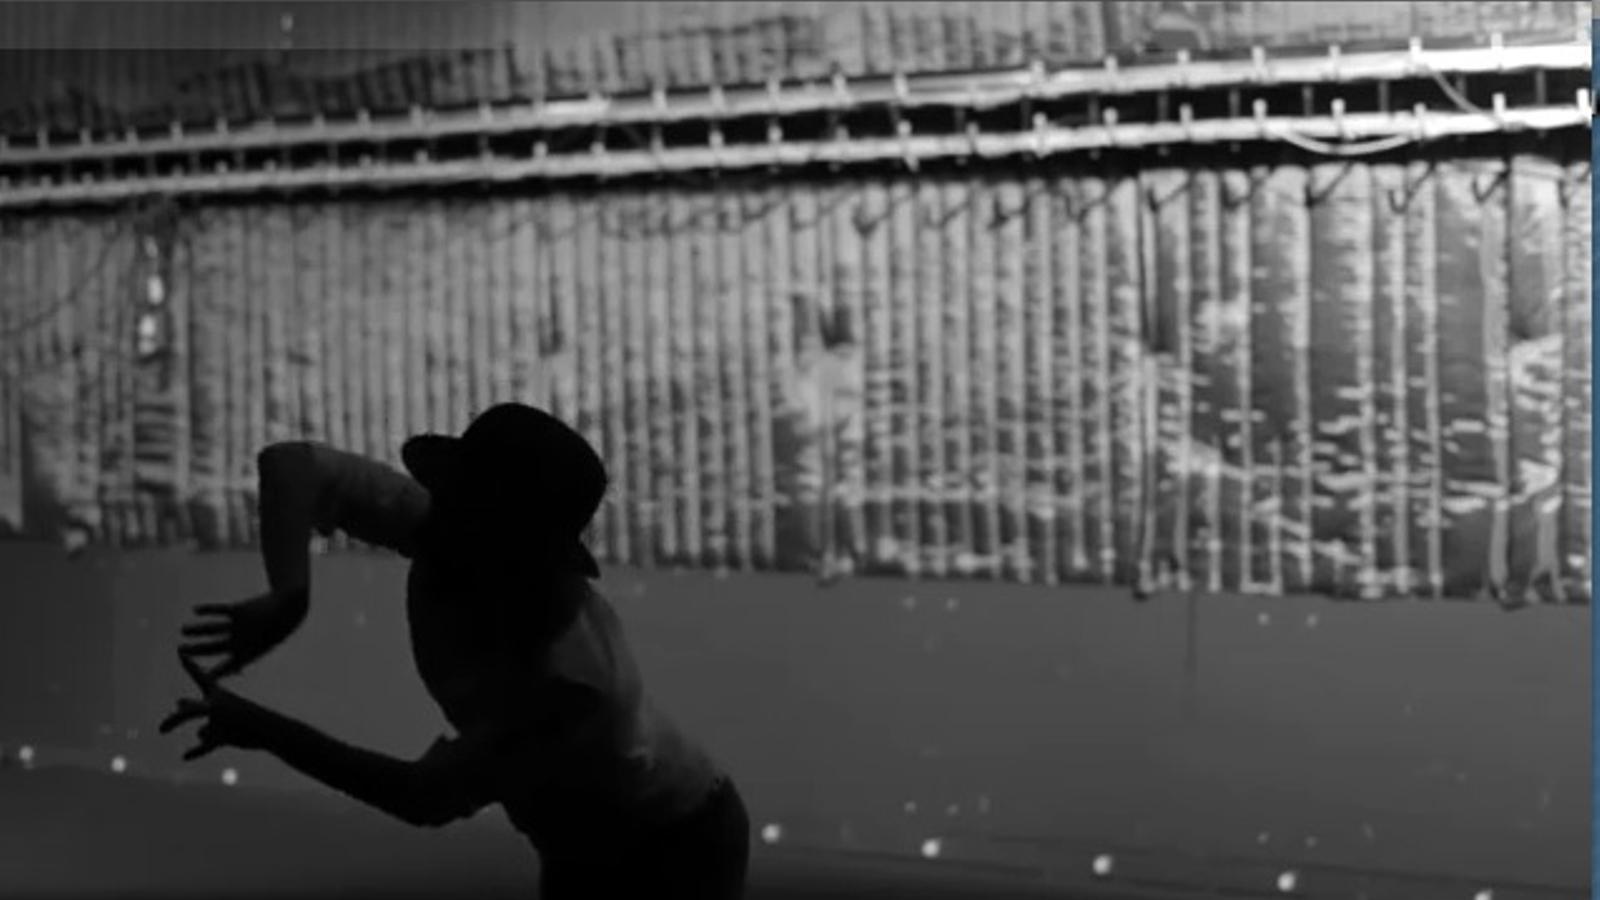 Lotus flower, el nou videoclip de Radiohead